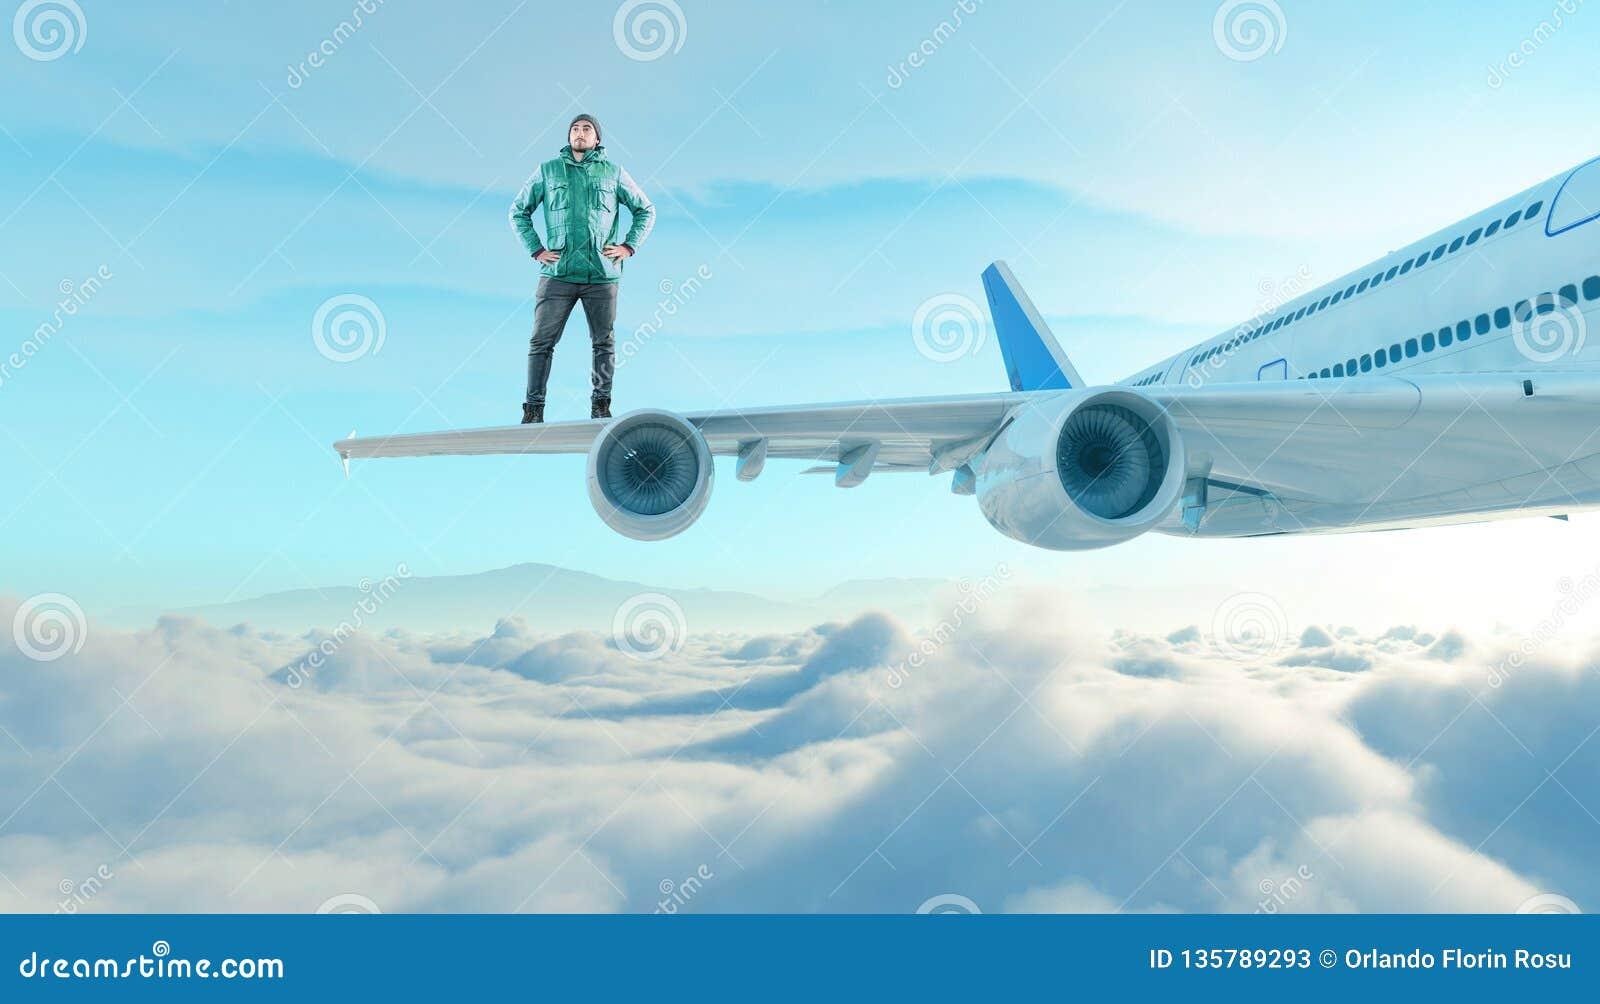 Ο νεαρός άνδρας στέκεται στο φτερό ενός αεροπλάνου